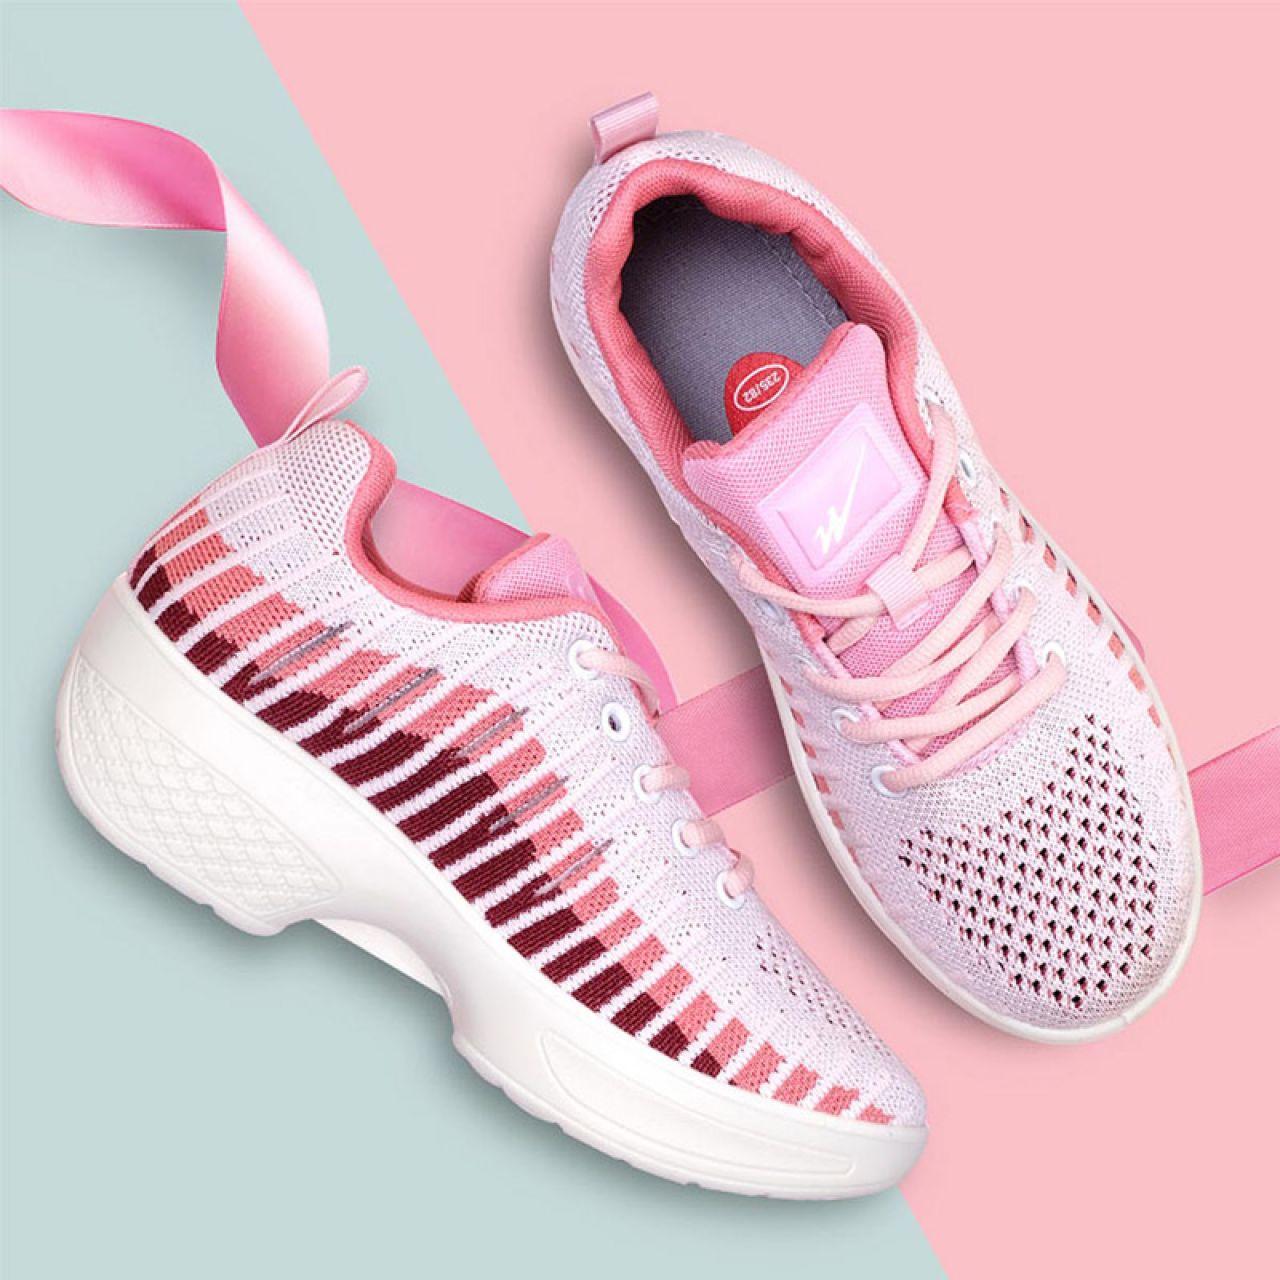 爱风尚广场健身鞋初恋舞鞋-粉色